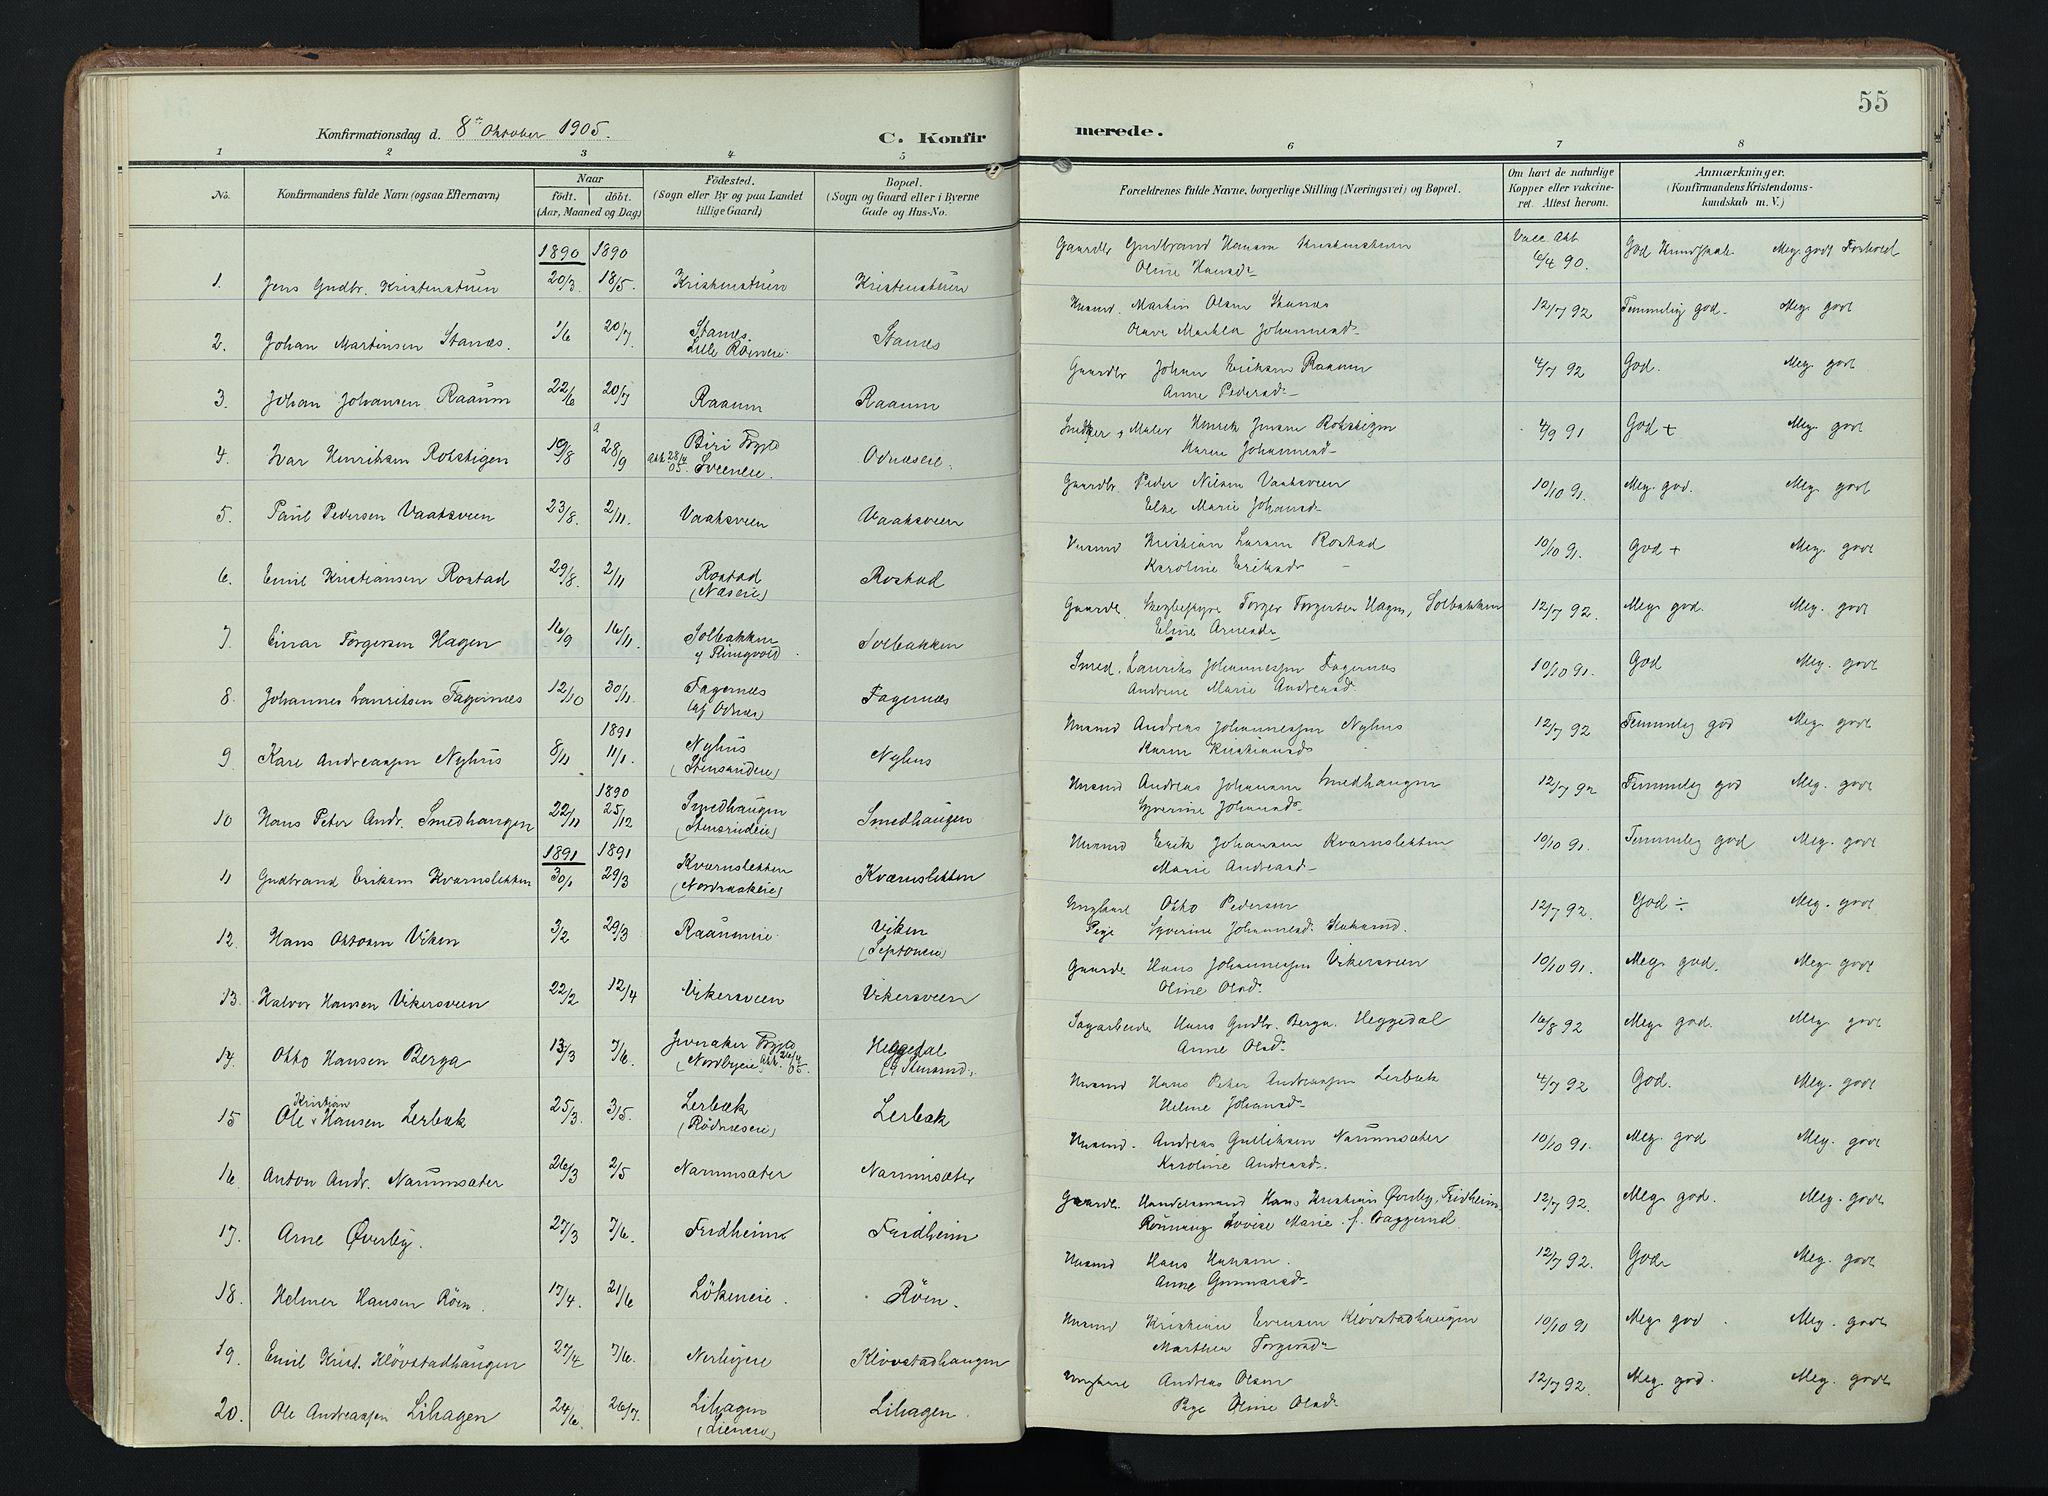 SAH, Søndre Land prestekontor, K/L0005: Ministerialbok nr. 5, 1905-1914, s. 55